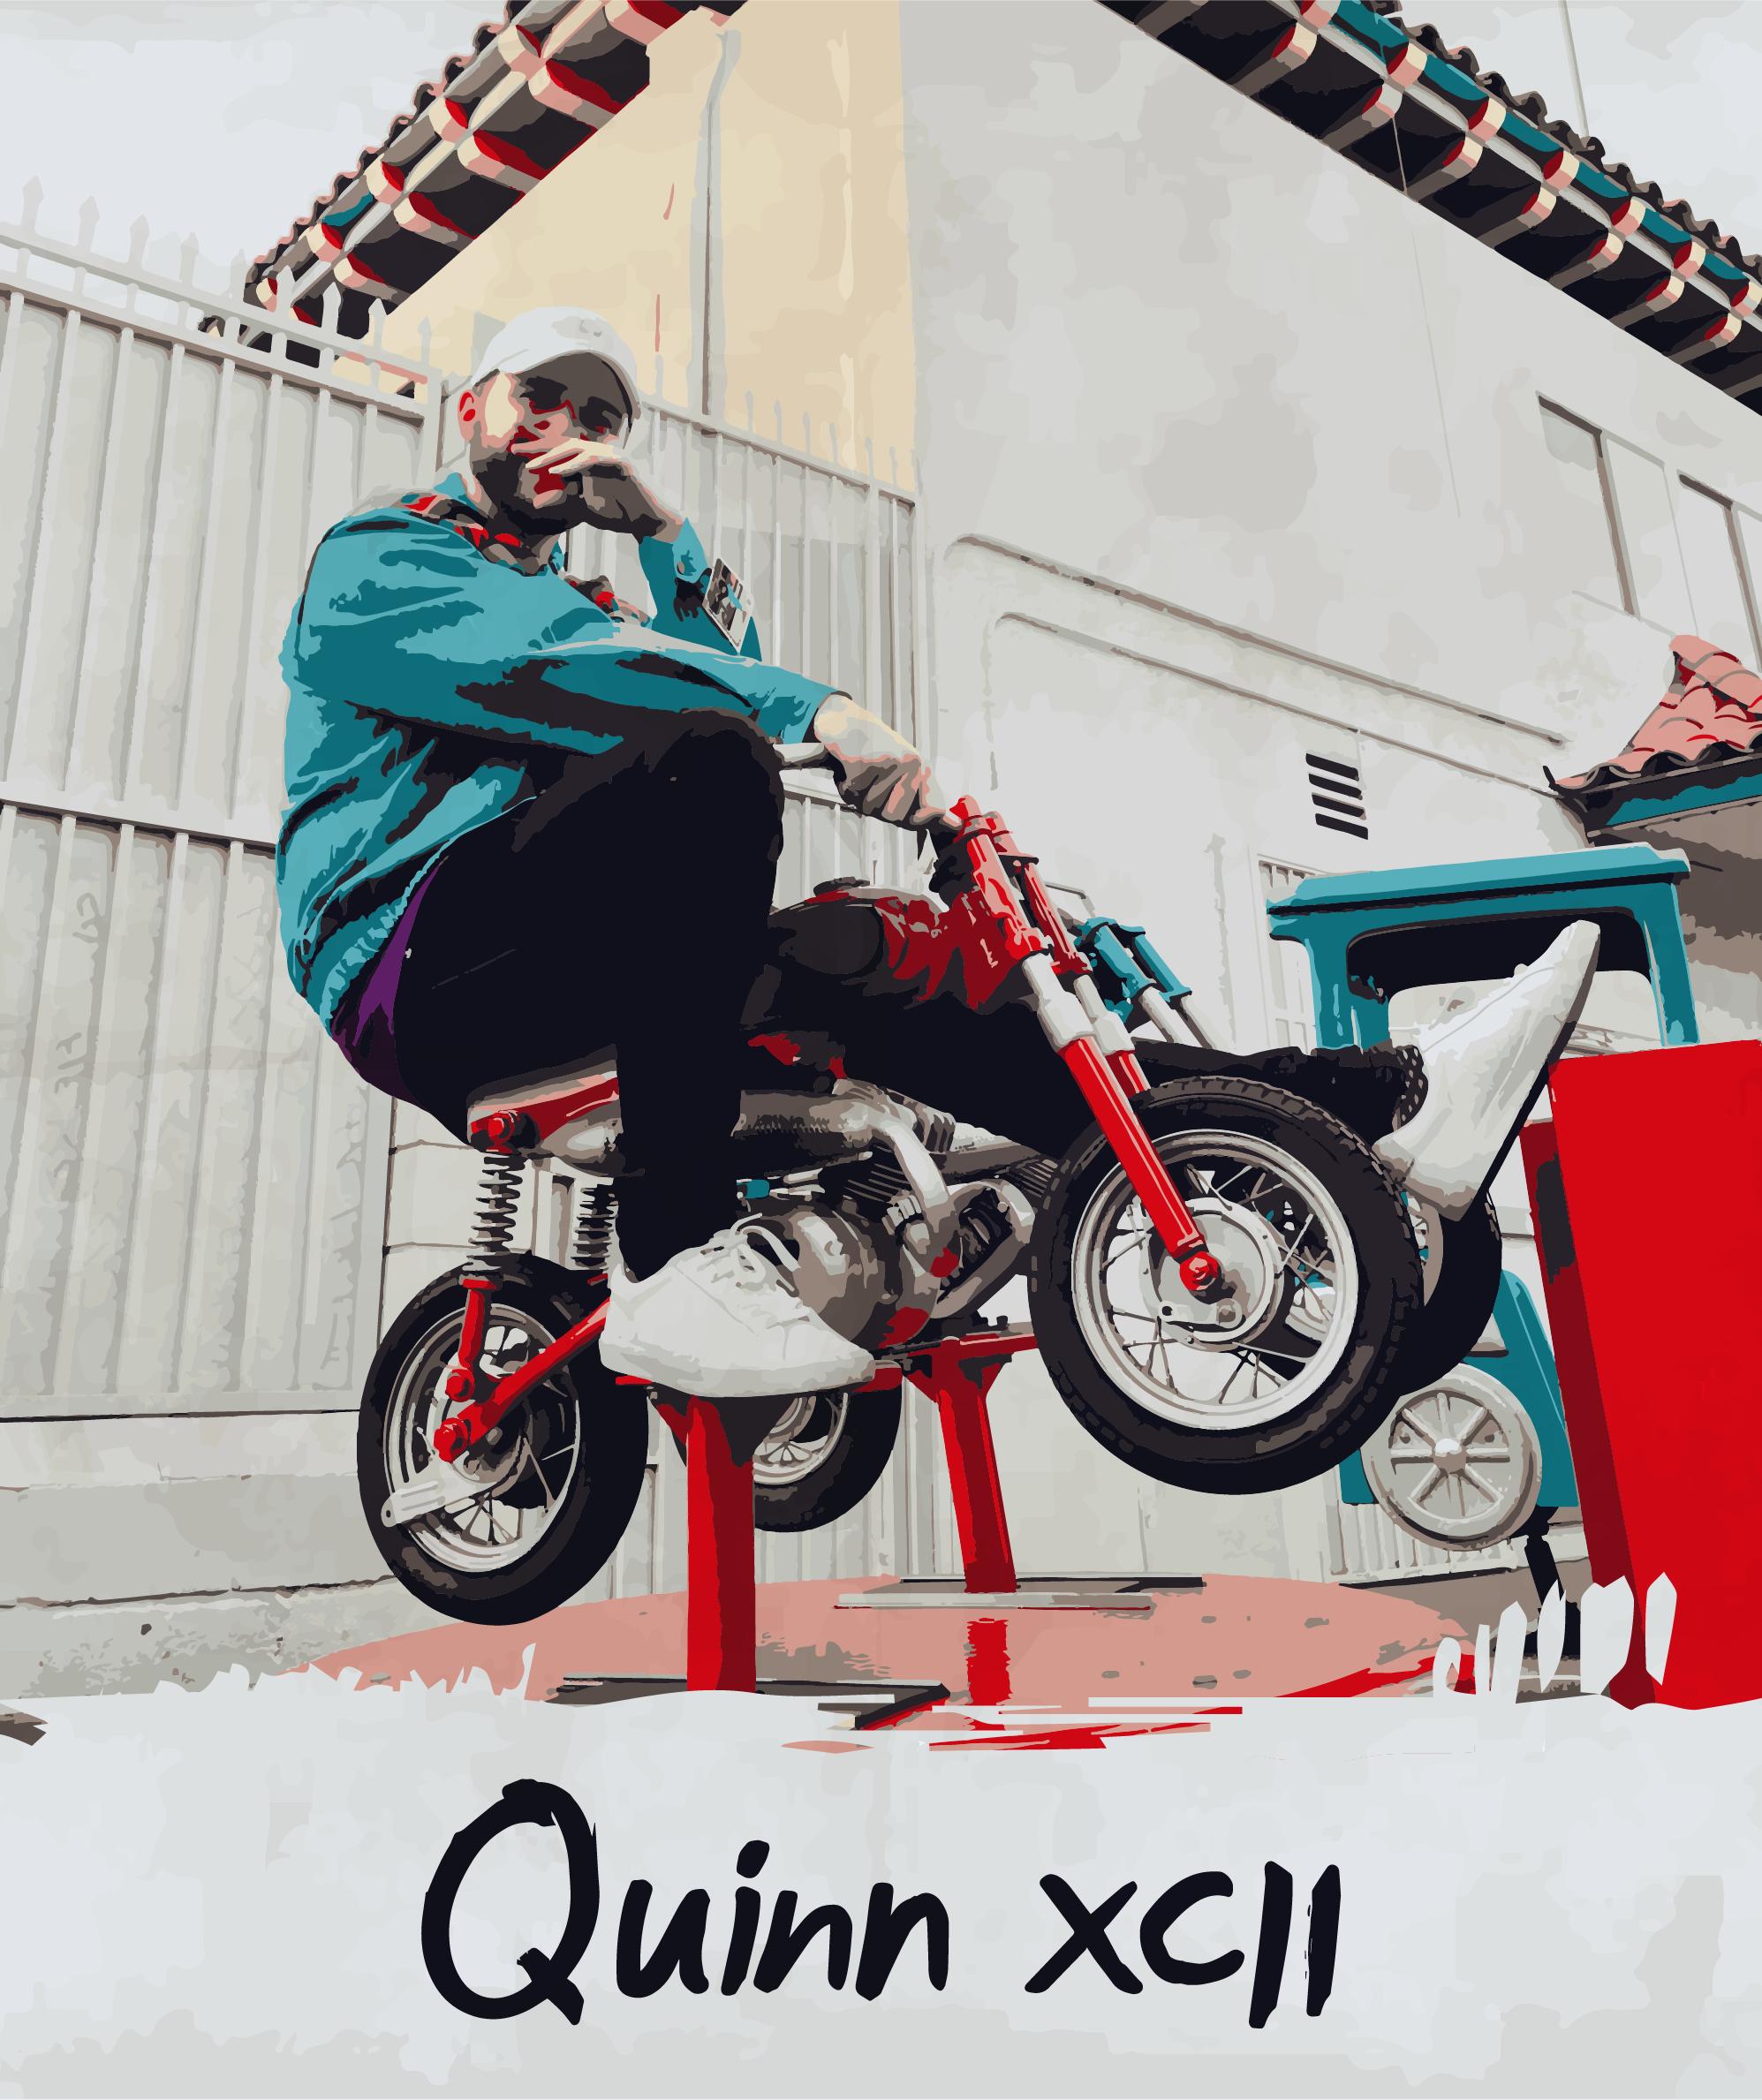 Quinn XCII Illustration